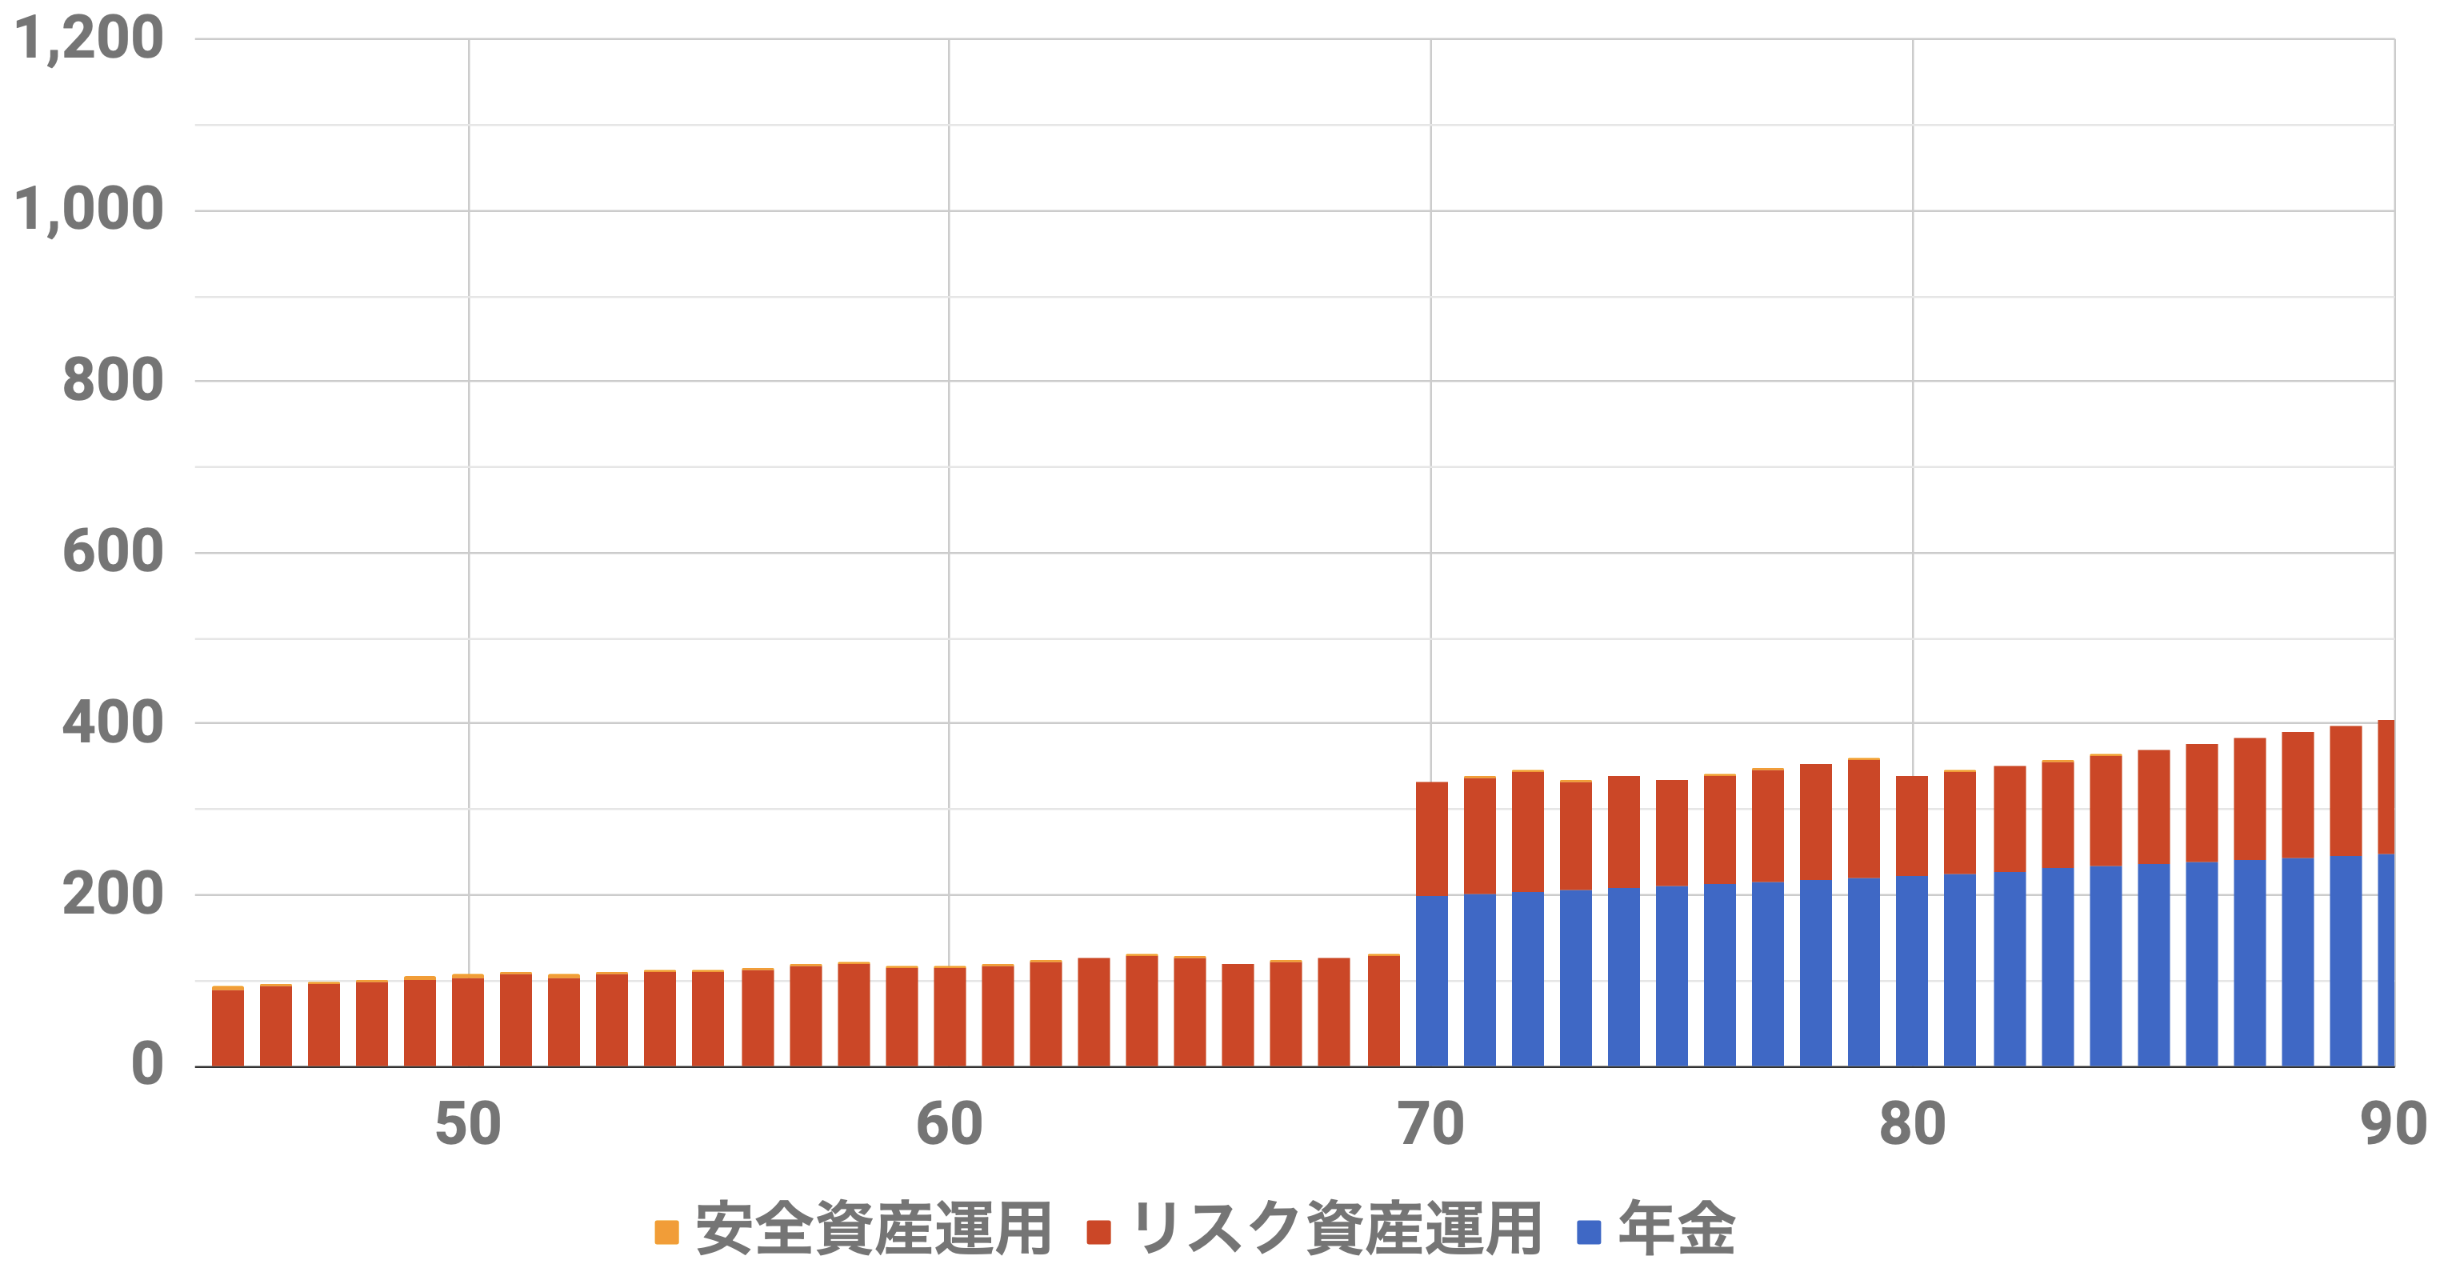 45歳9000万円収入シミュレーション(Level3)インフレ率2%利率3%連続増配率3%